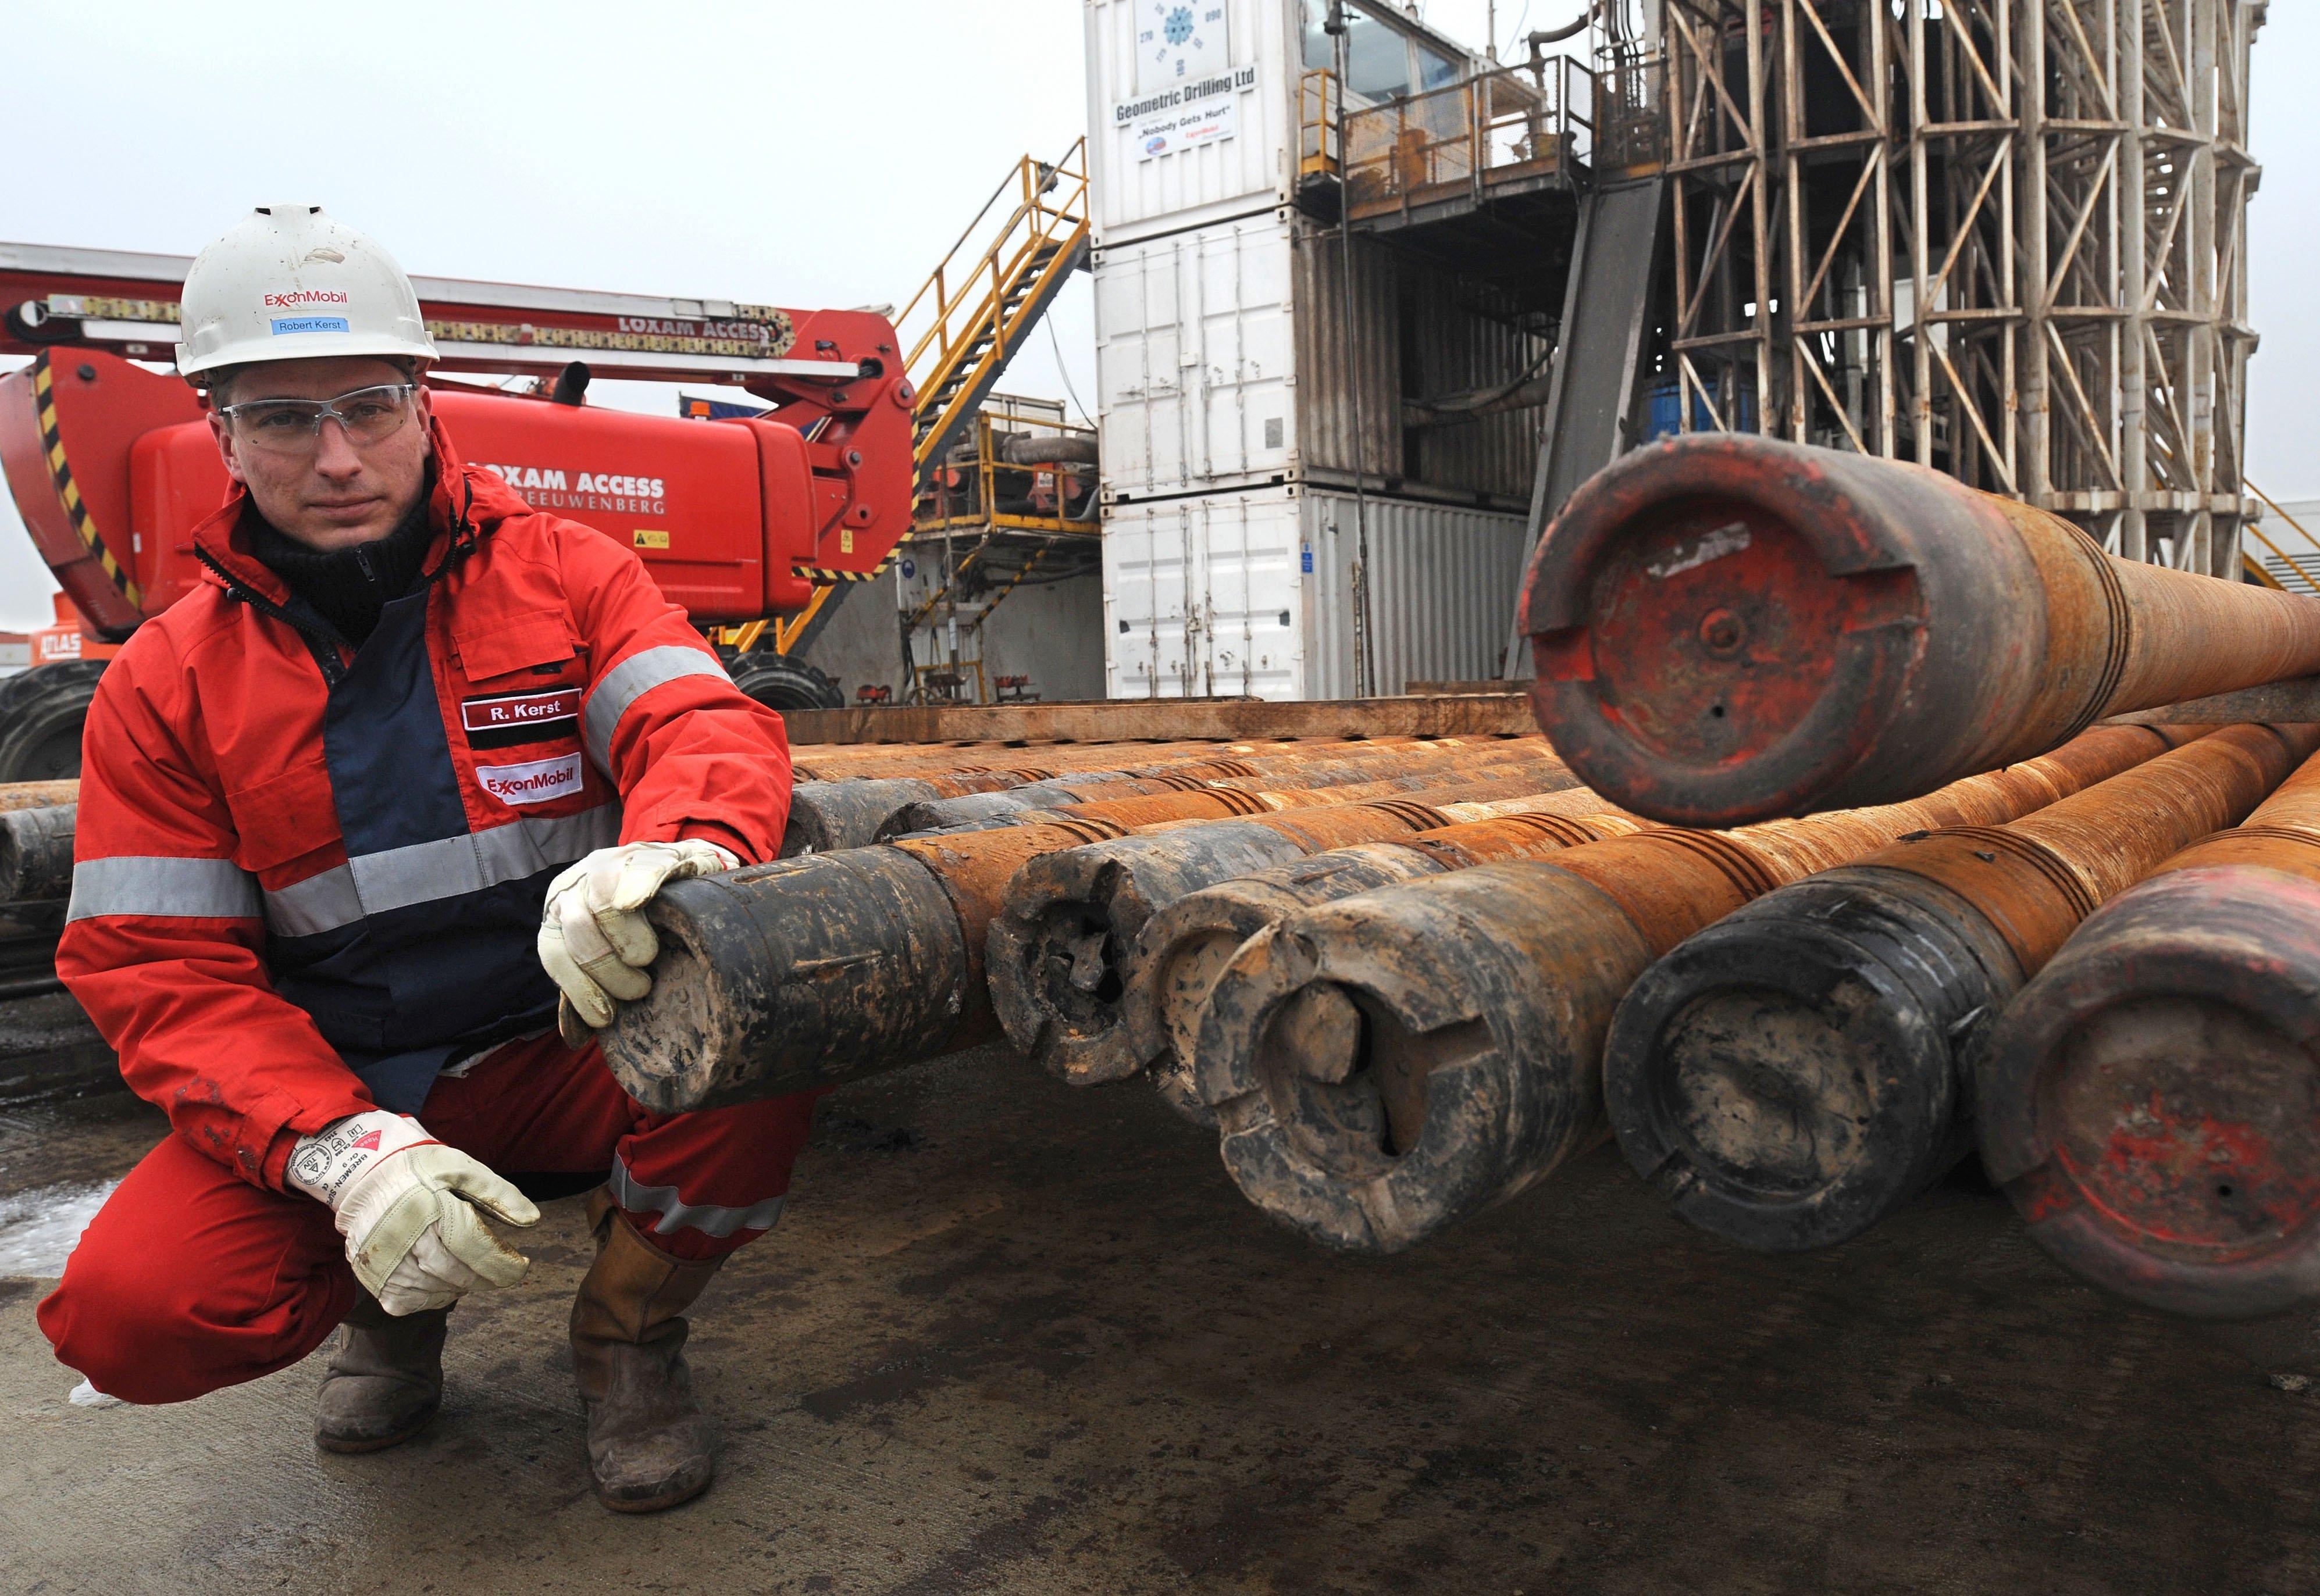 Erdgasprobebohrung des Energieerzeugers ExxonMobil in Lünne im Emsland: Schon seit den 1990er Jahren wird Fracking in Deutschland genutzt, um in Niedersachsen Gas aus Sandsteinschichten zu gewinnen.